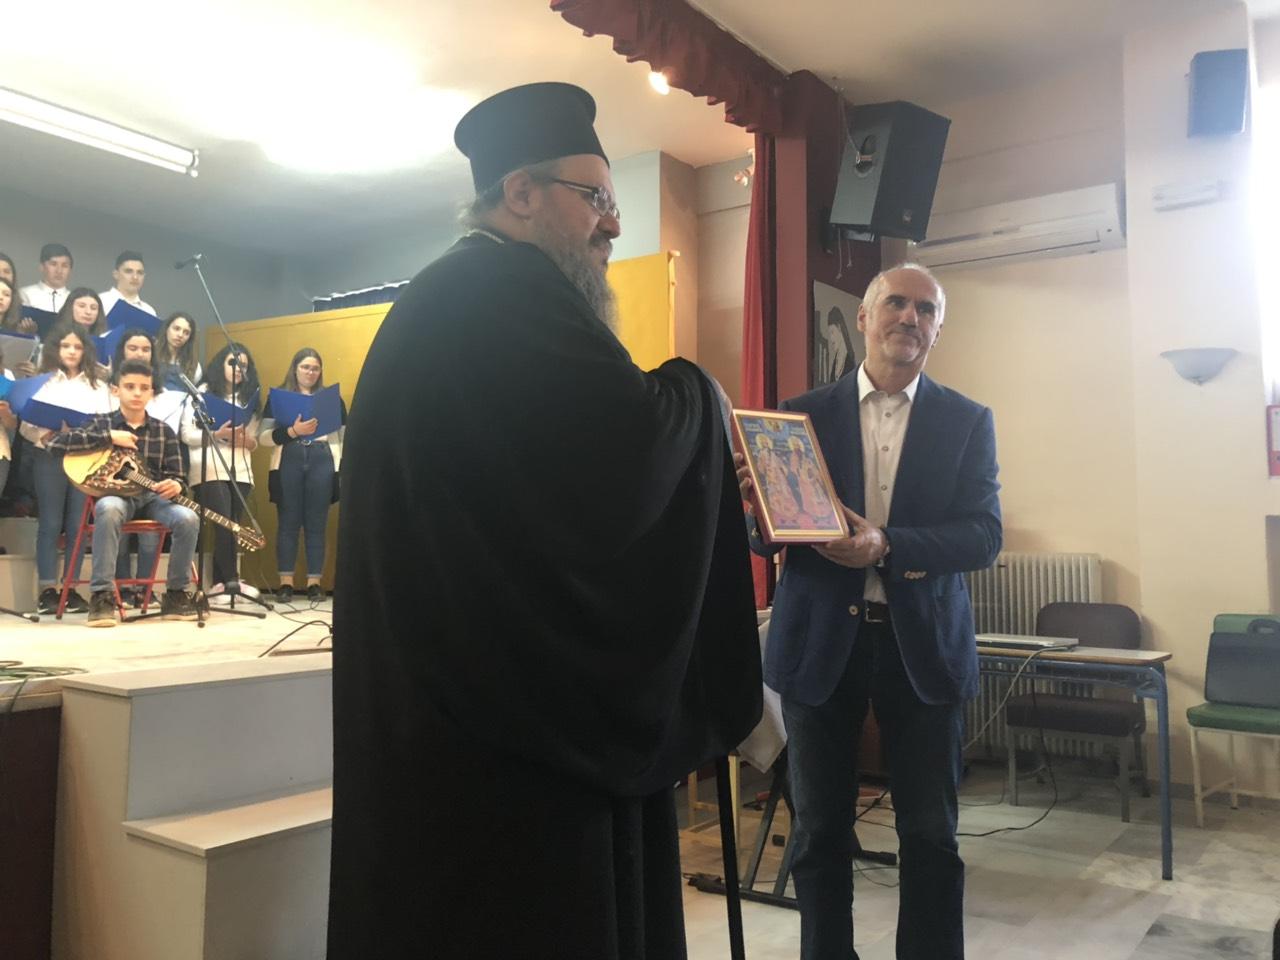 gymnasio ampelona 6 - Ο Σεβασμιώτατος επισκέφθηκε το Γυμνάσιο Αμπελώνα (φωτο)